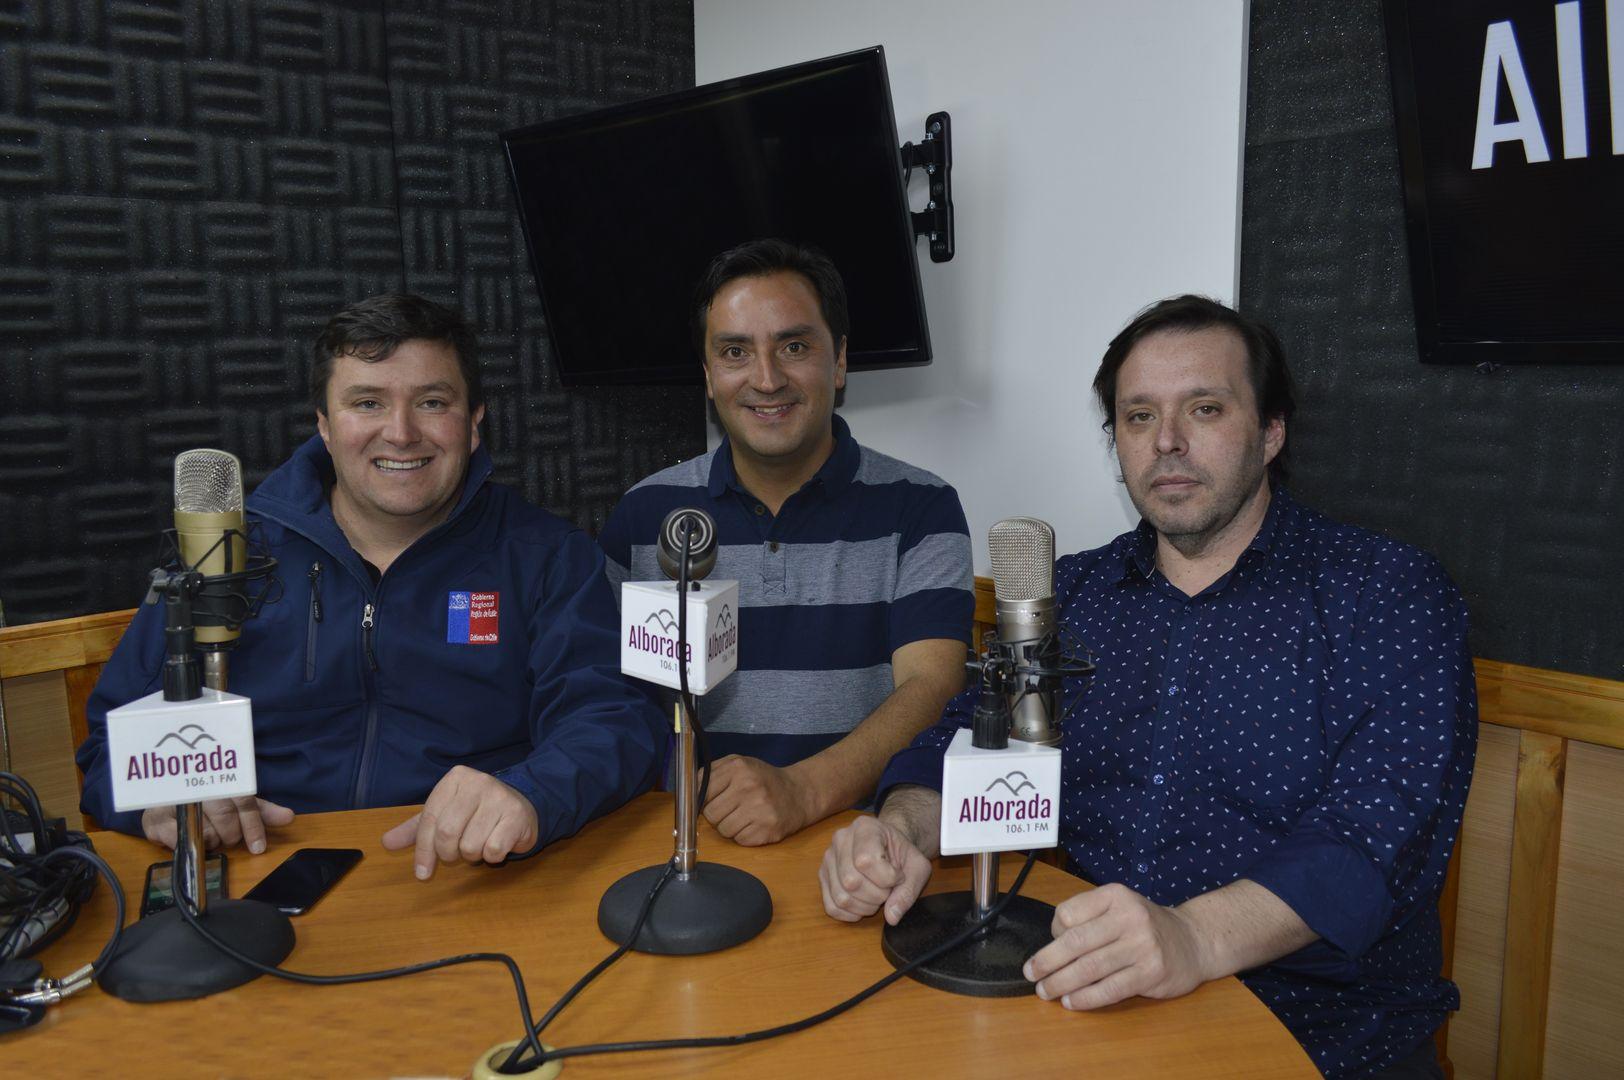 Radio Alborada 106.1 FM